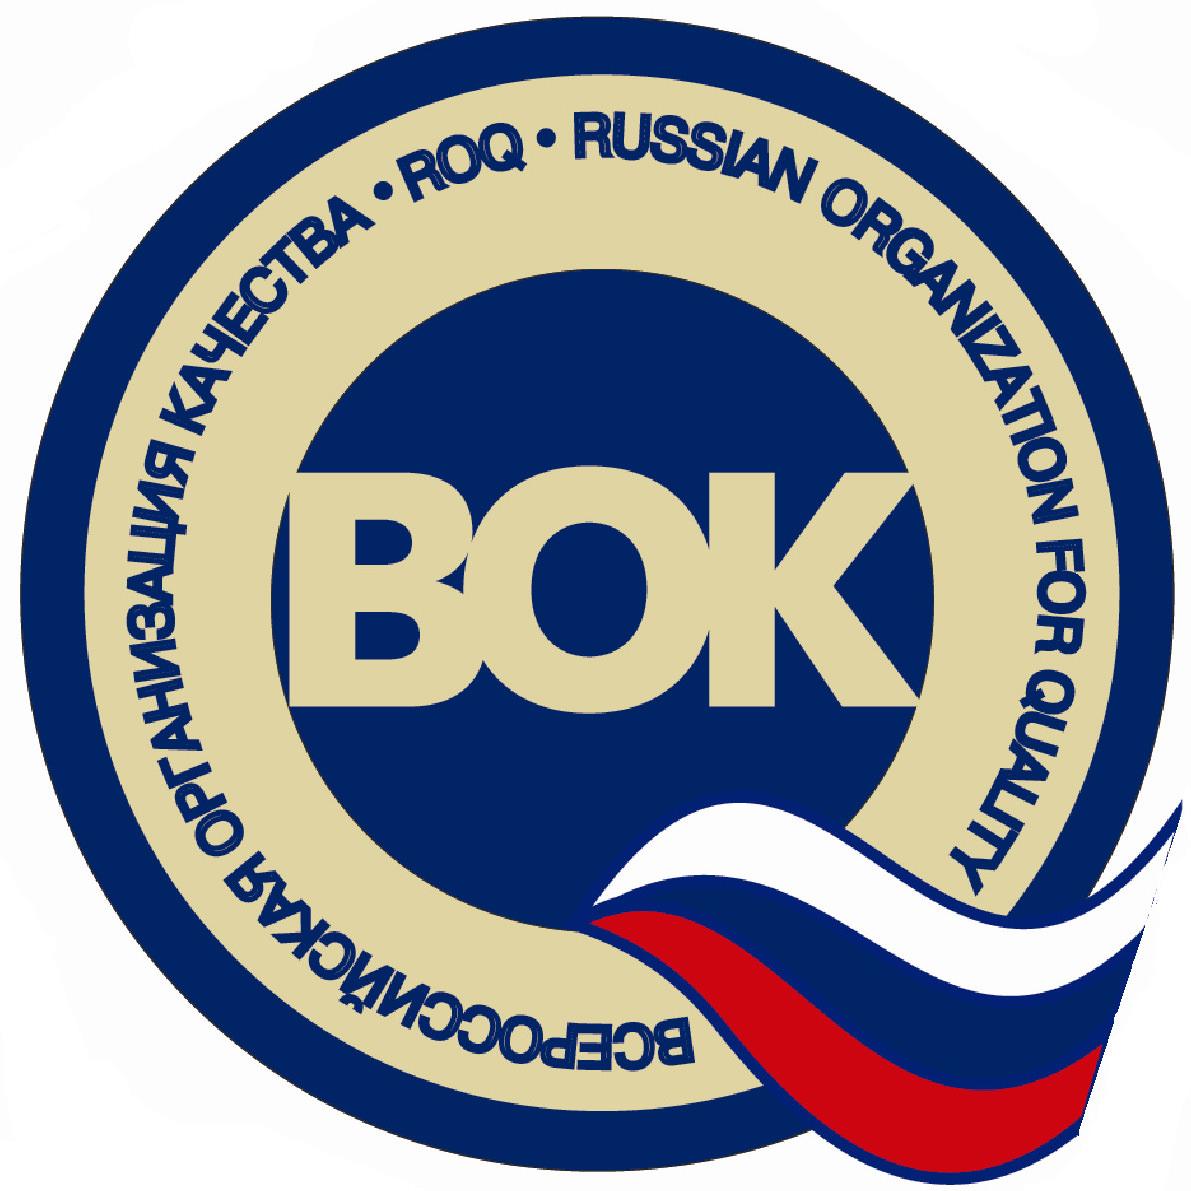 Всероссийская организация качества